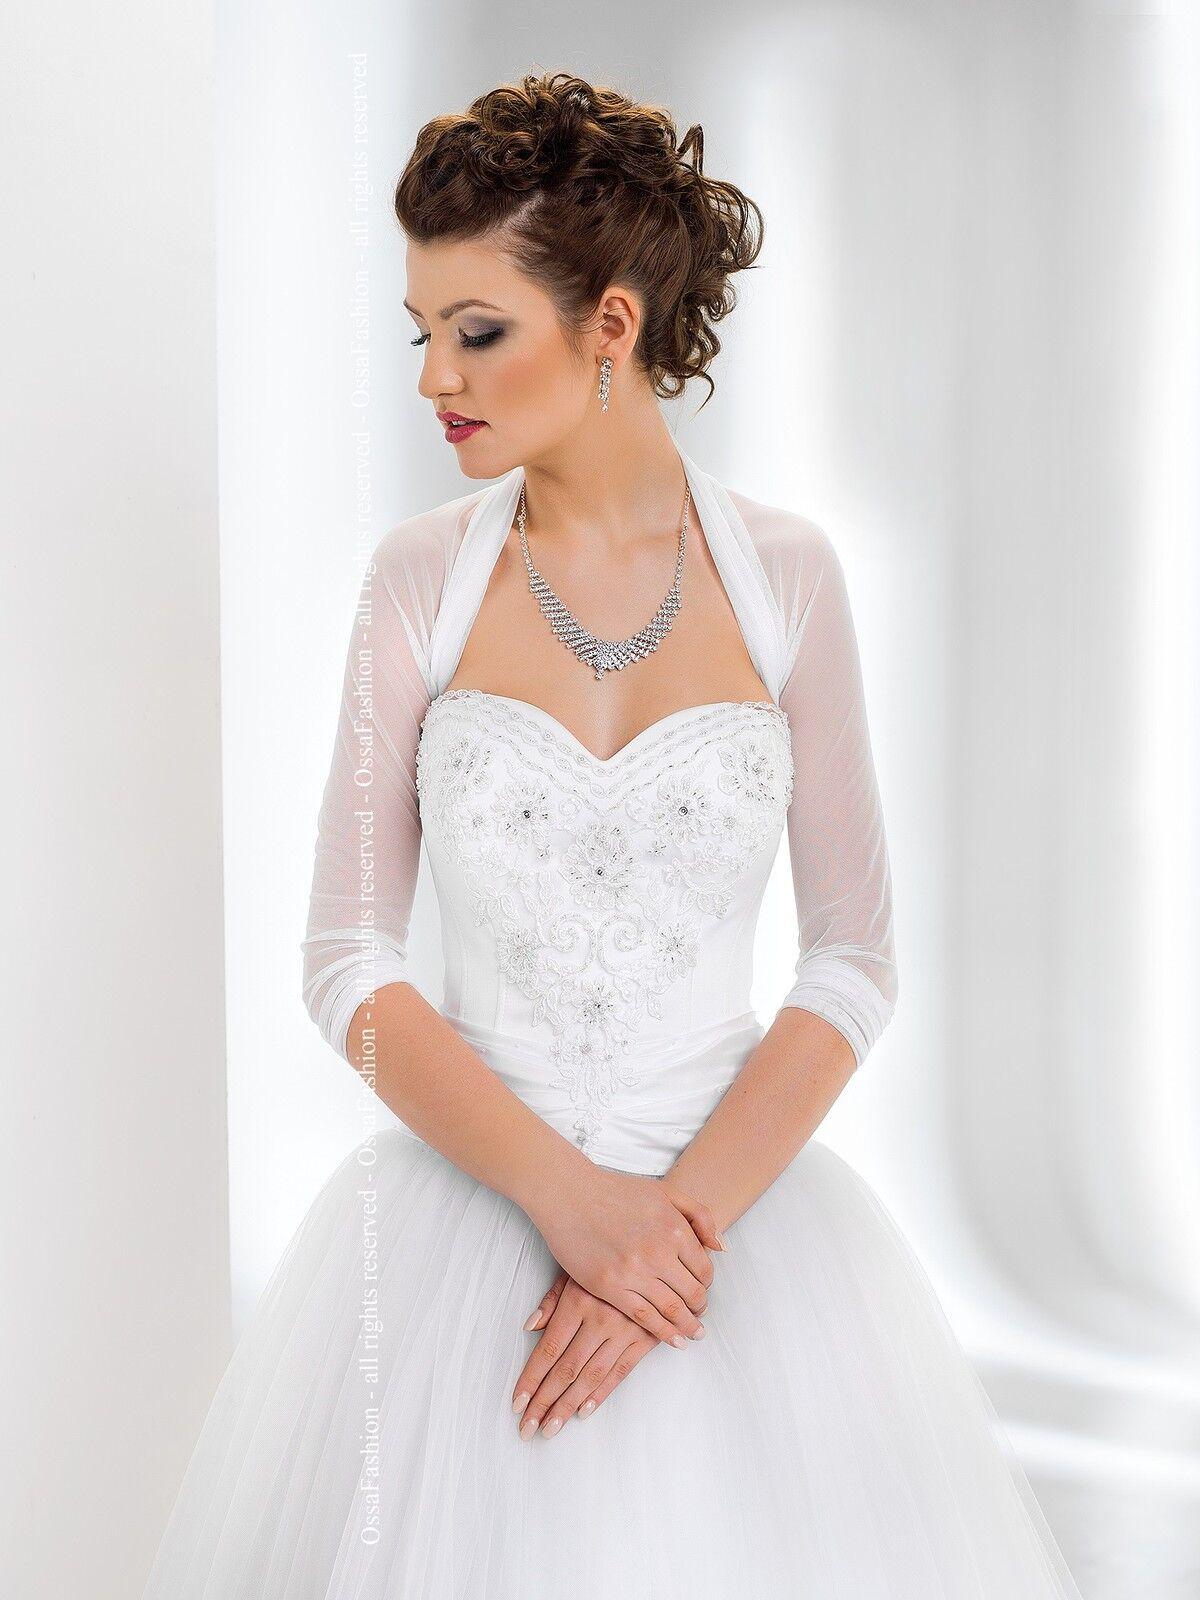 New Womens Bridal Ivory//White Tulle Lace Bolero Shrug Wedding Jacket CRYSTALS